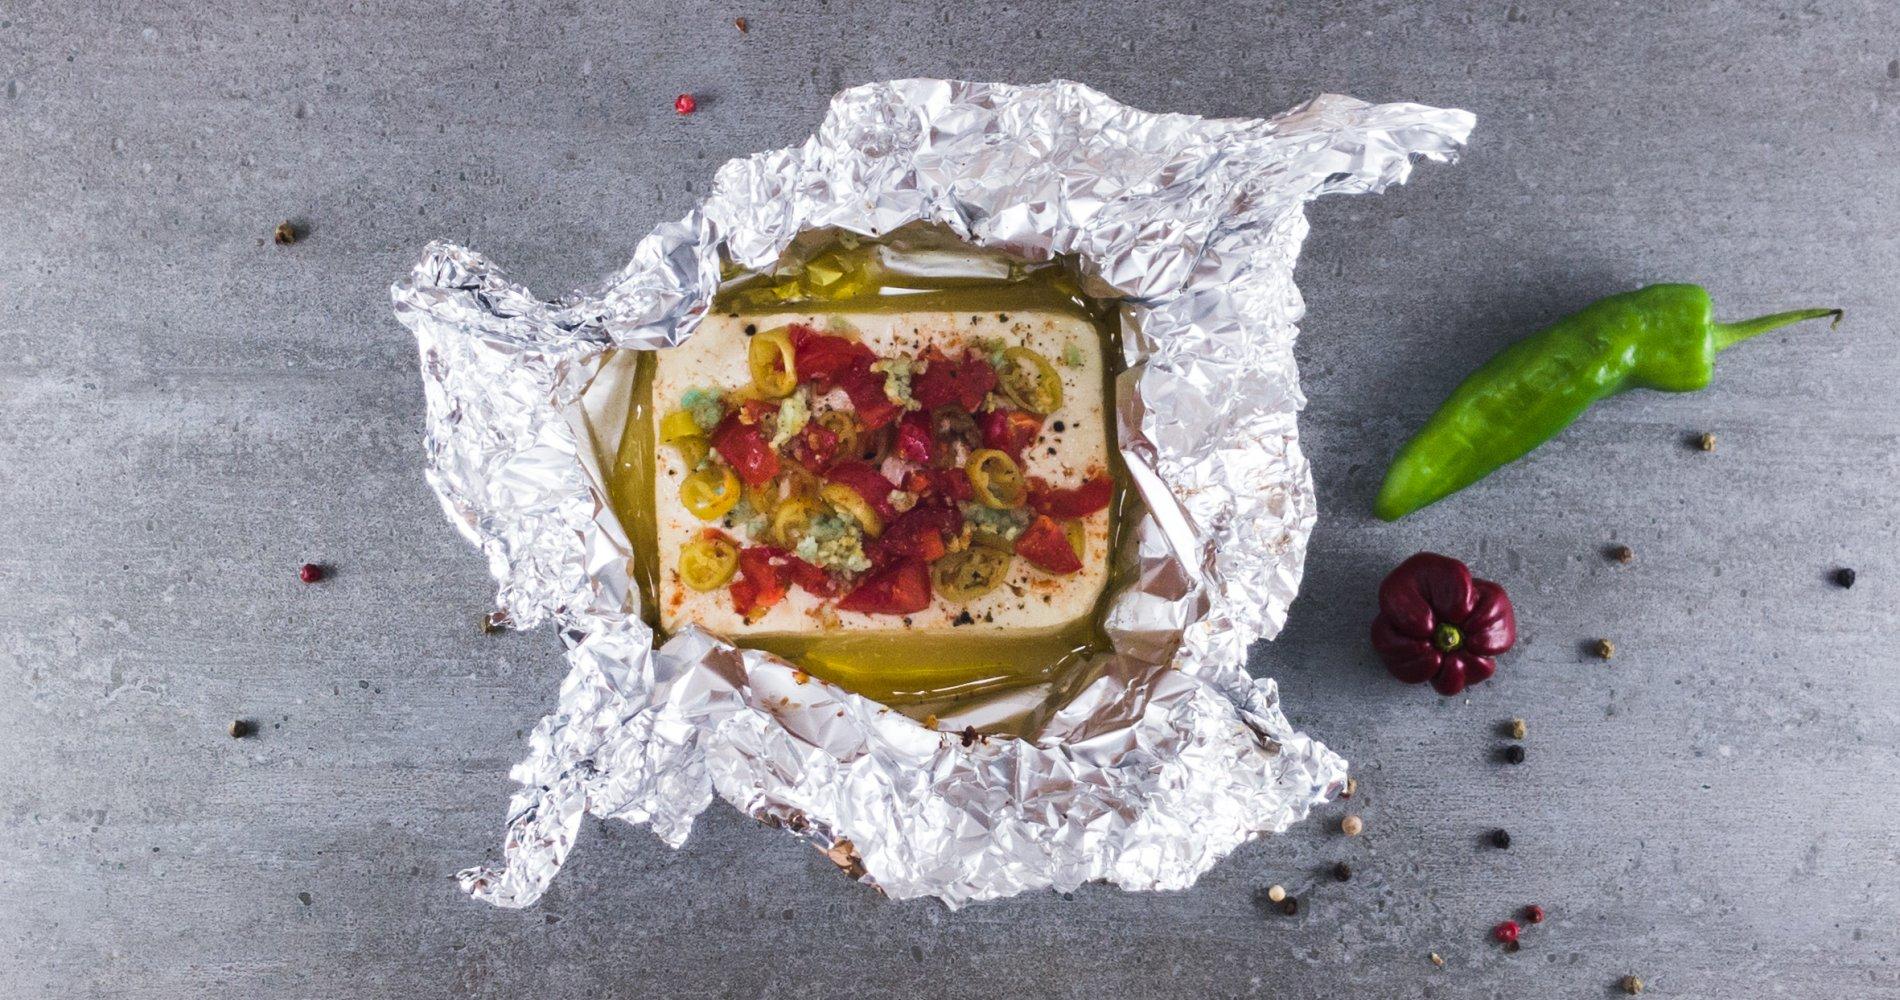 Rezept Low Carb: Gebackener Schafskäse - LCHF-gesund.de